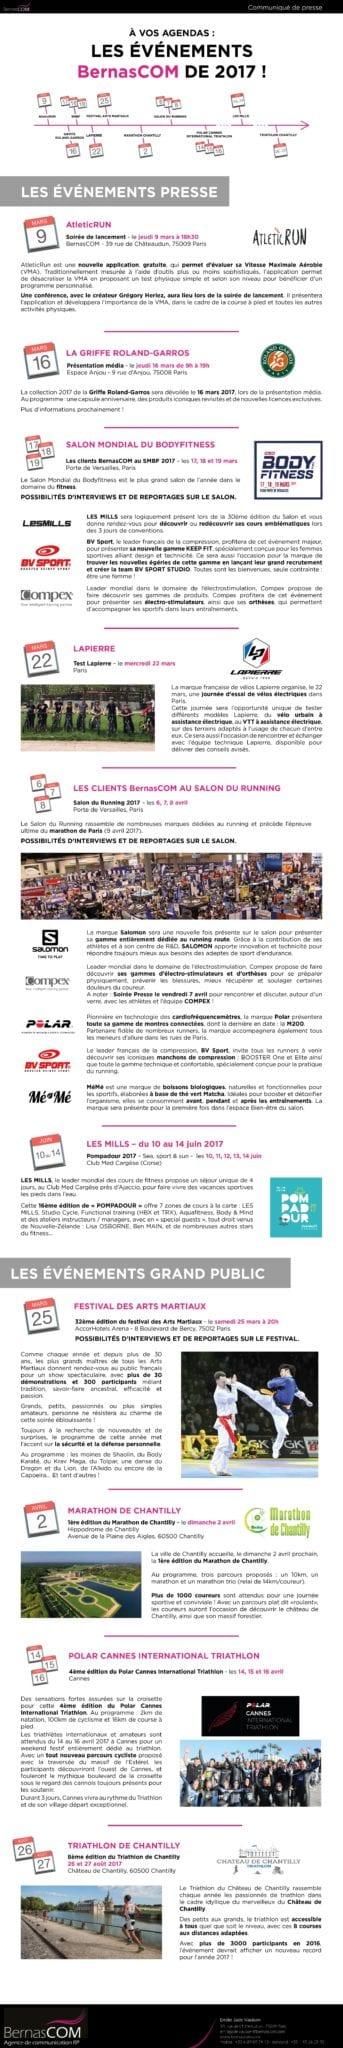 CP_BernasCOM Event 2017